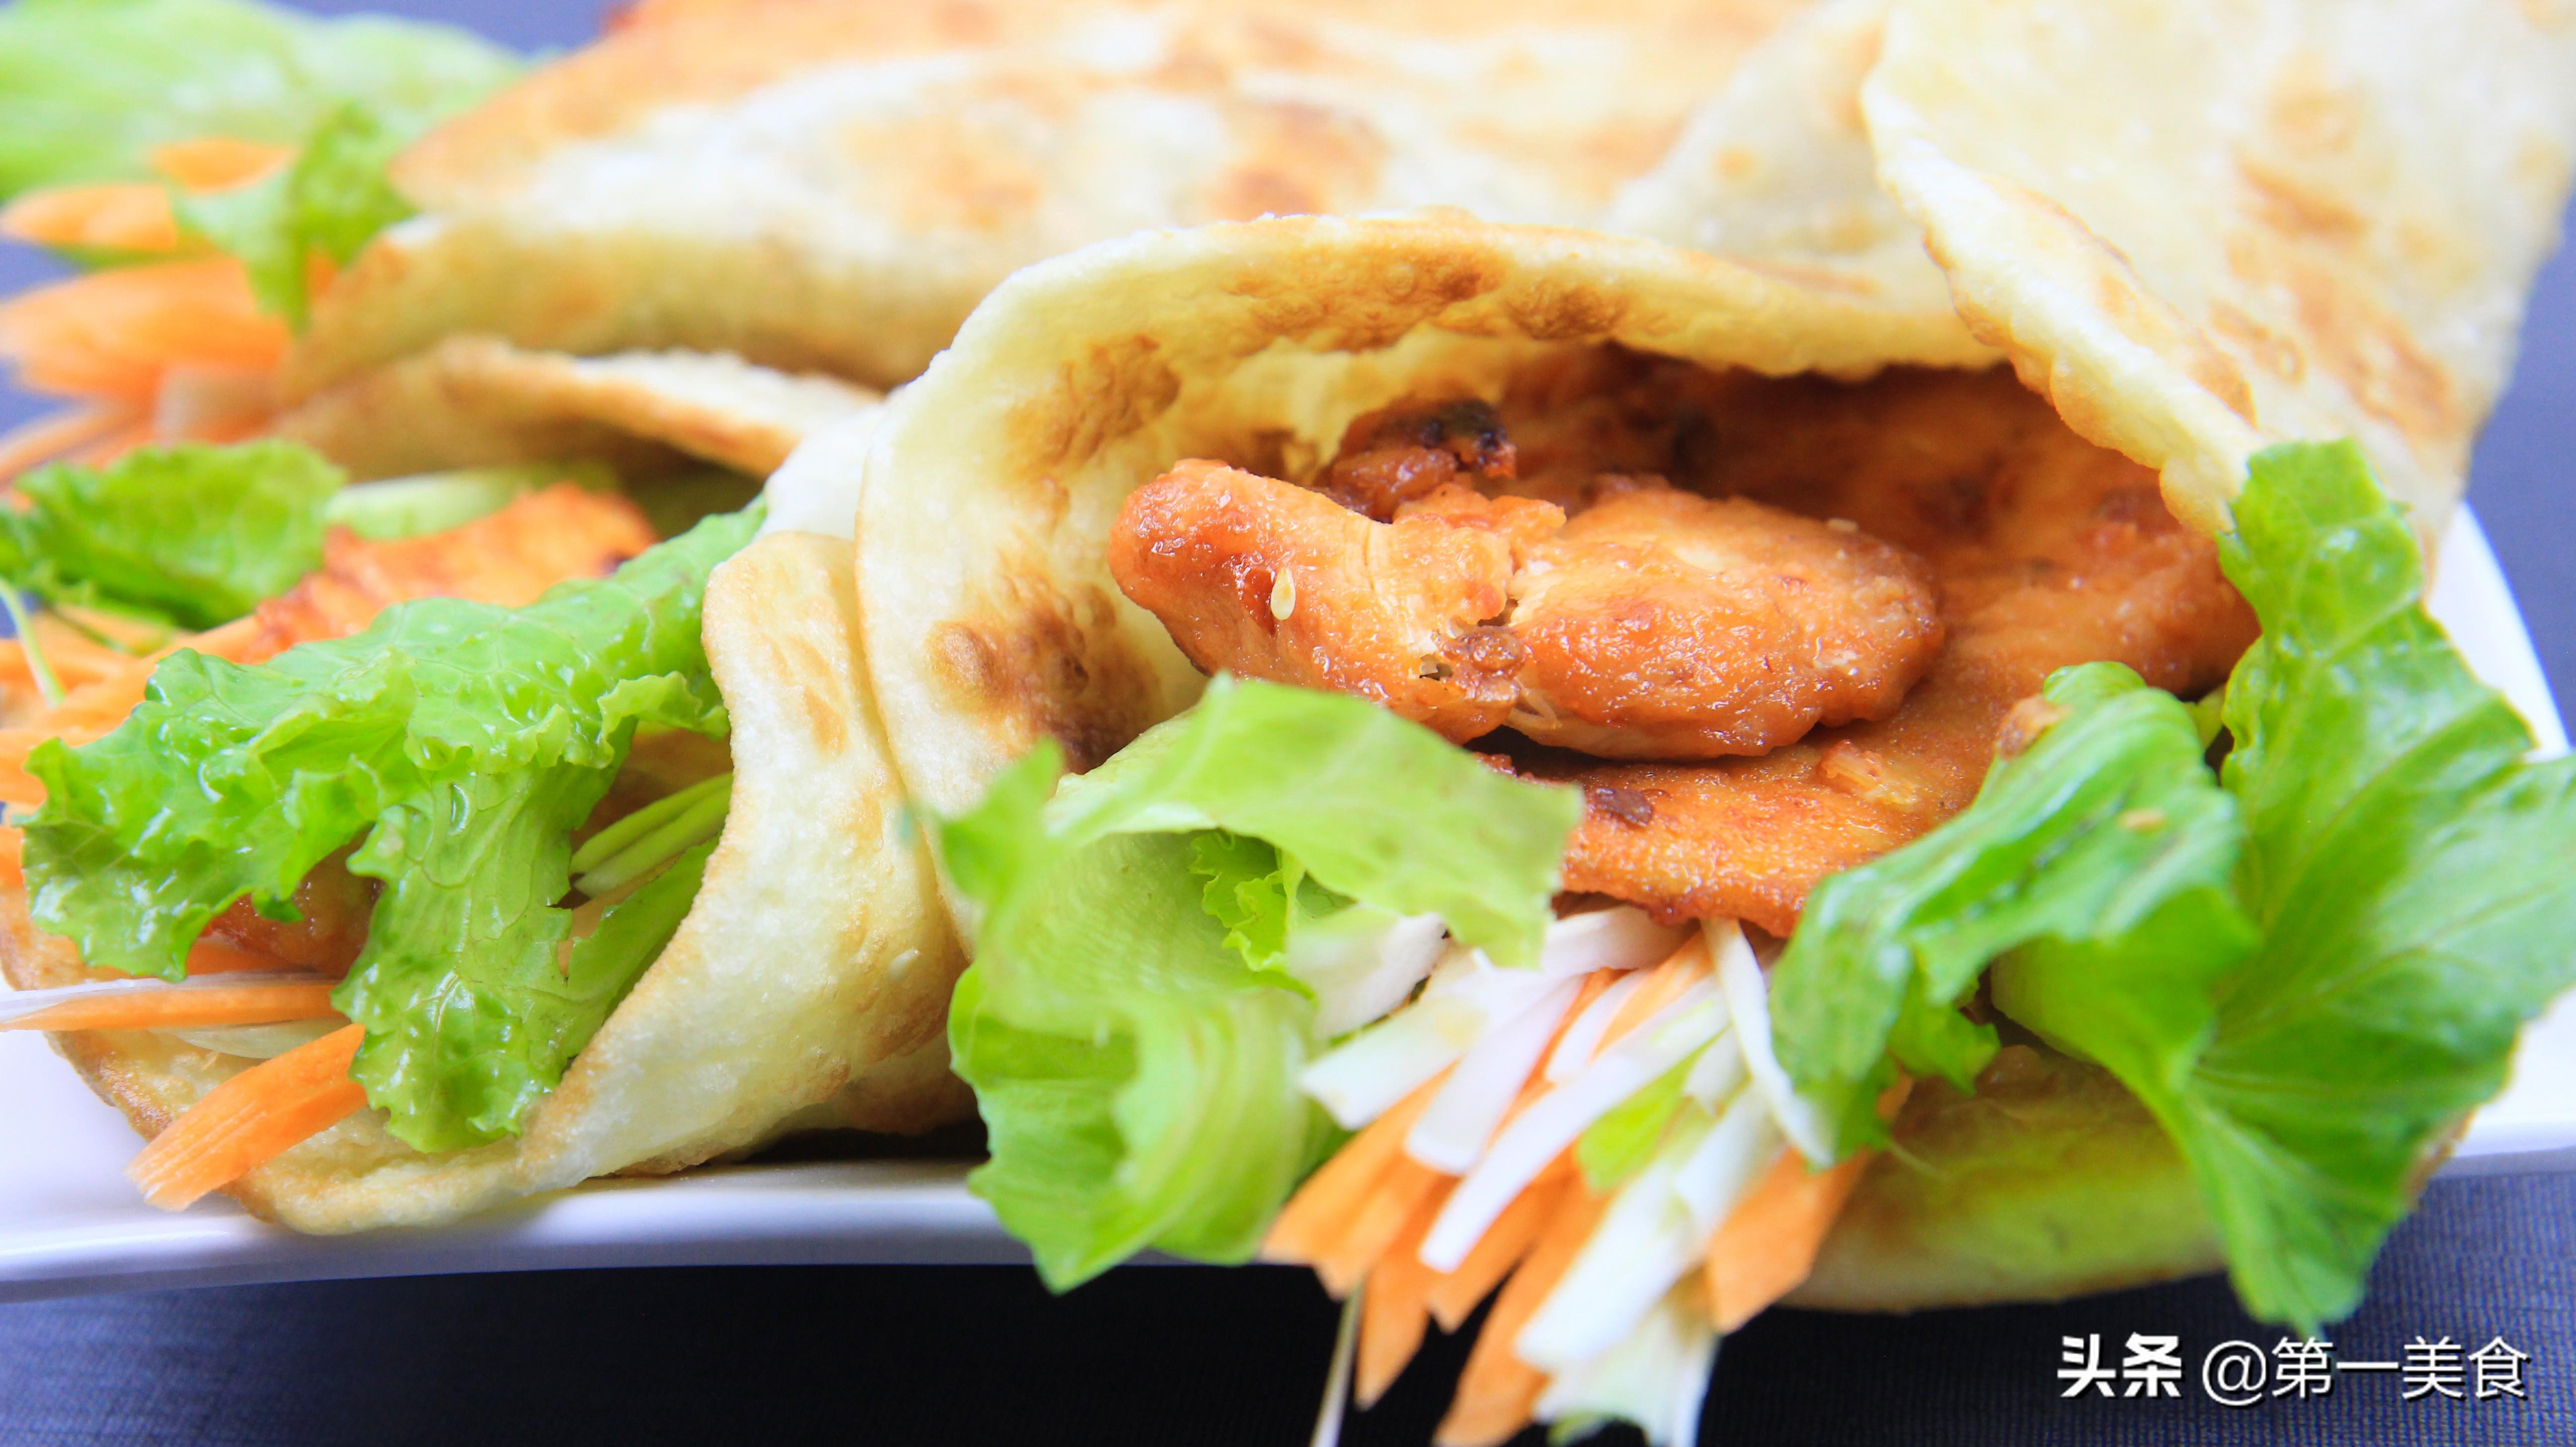 厨师长分享青菜鸡肉卷做法 早餐来一份香酥又美味 营养均衡